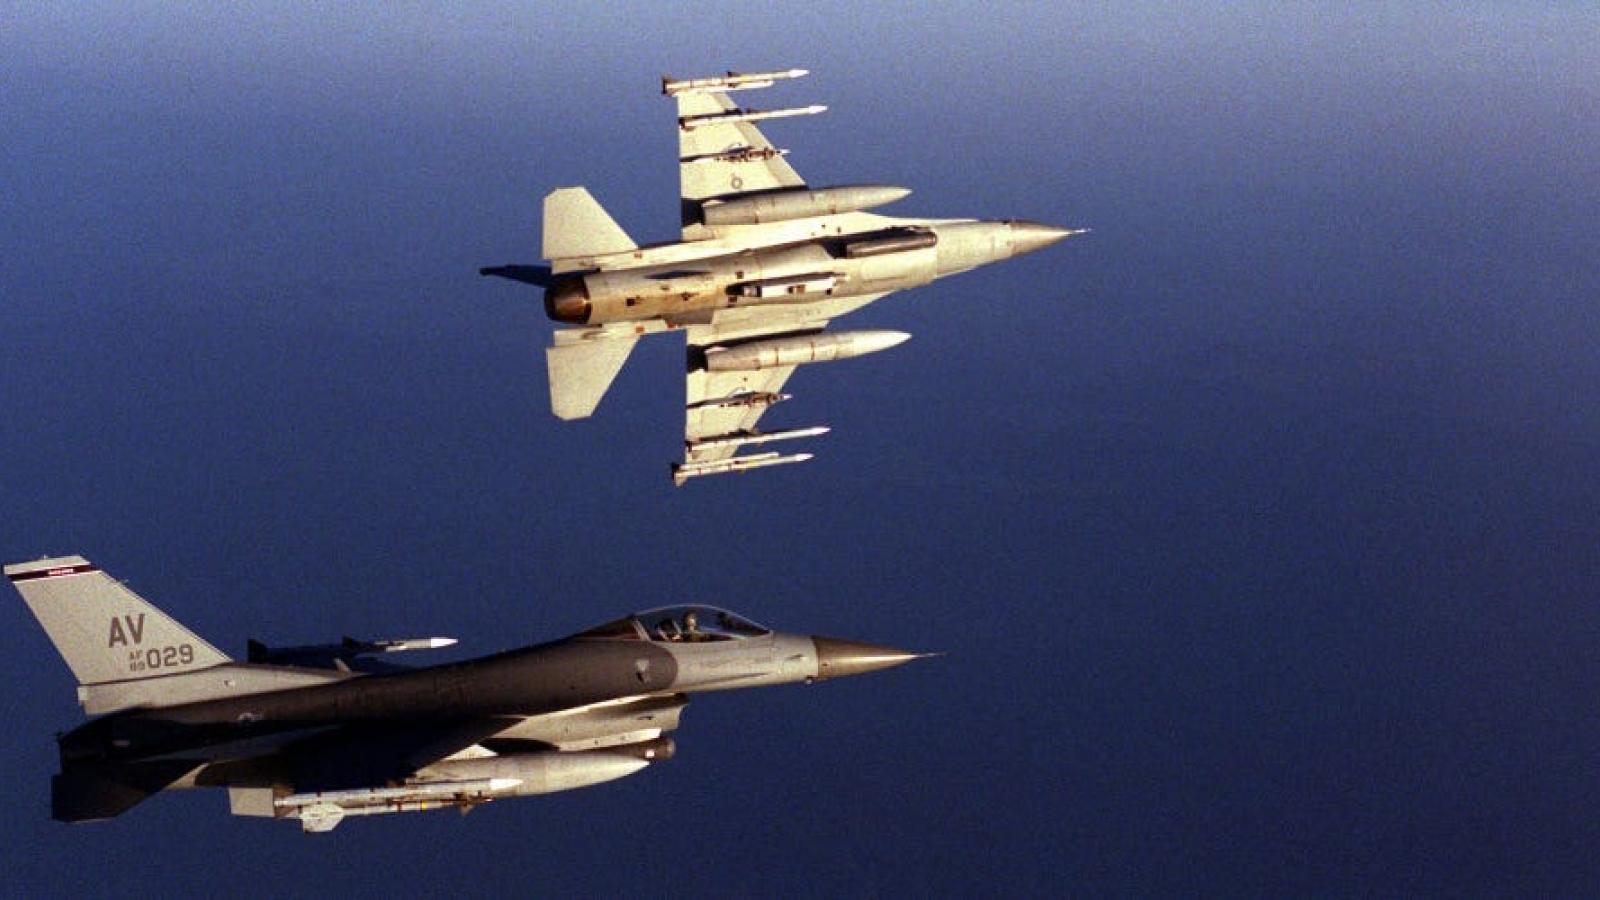 Chiến dịch giải cứu phi công của Mỹ sau khi 2 máy bay bị bắn rơi ở Serbia